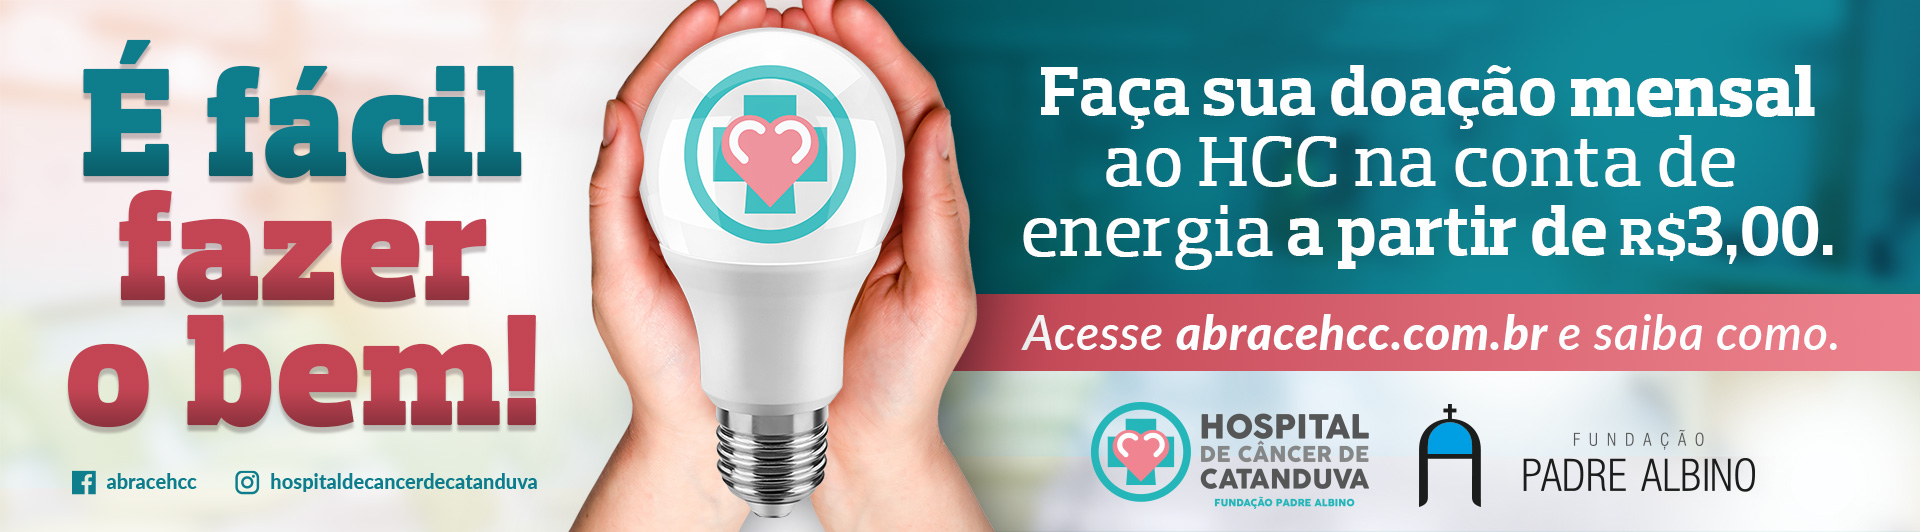 O Hospital de C�ncer de Catanduva iniciou campanha de doa��o atrav�s da conta de energia el�trica. Por meio de cadastro, as doa��es passam a ser mensais com valores a partir de R$3,00.